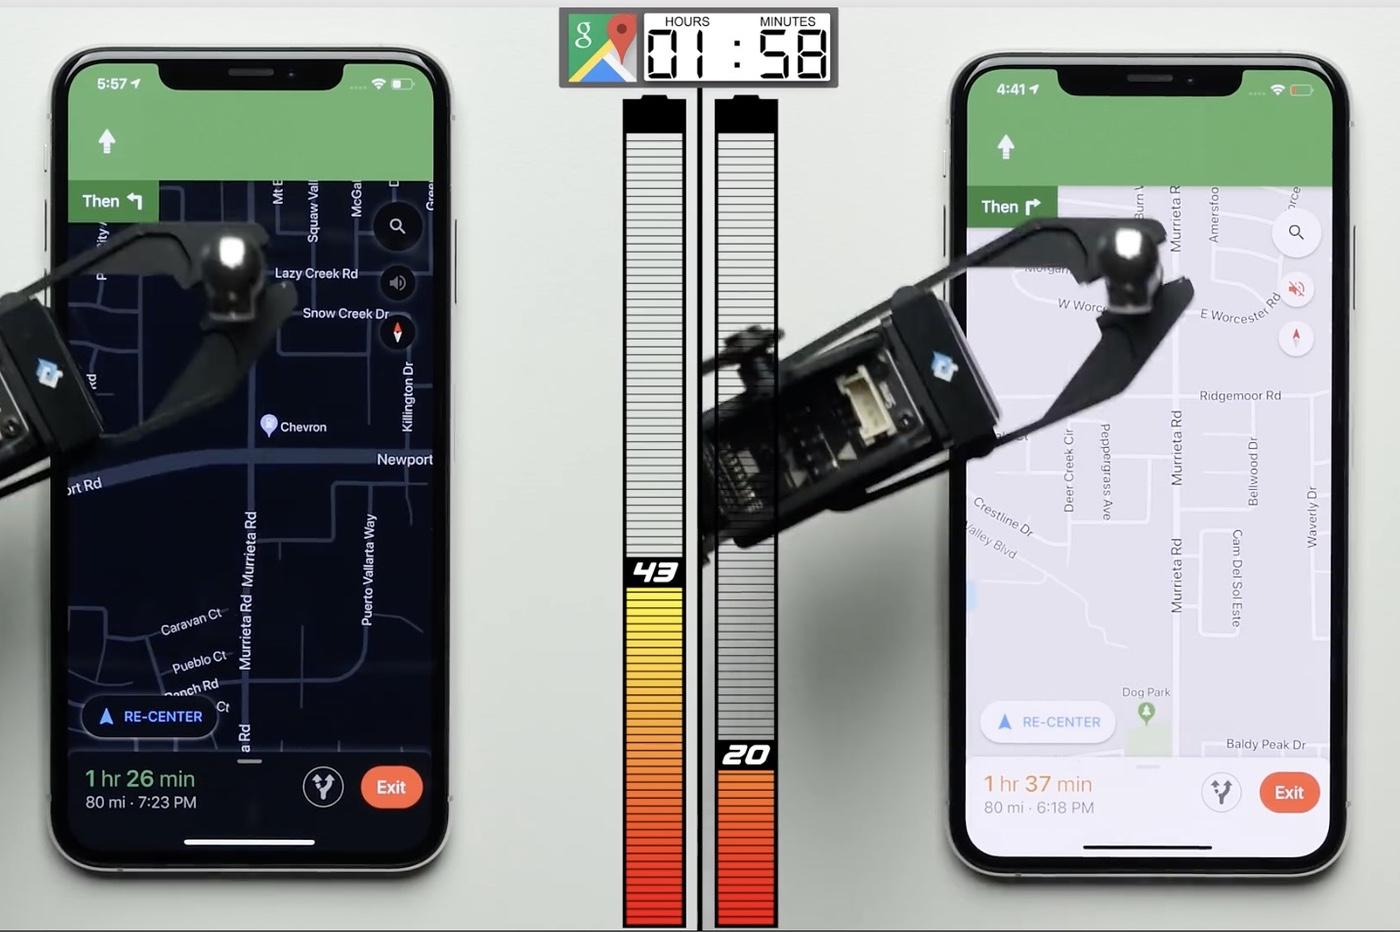 Vidéo : 30 % d'autonomie en plus avec le mode sombre d'iOS 13 (et un écran OLED) 1